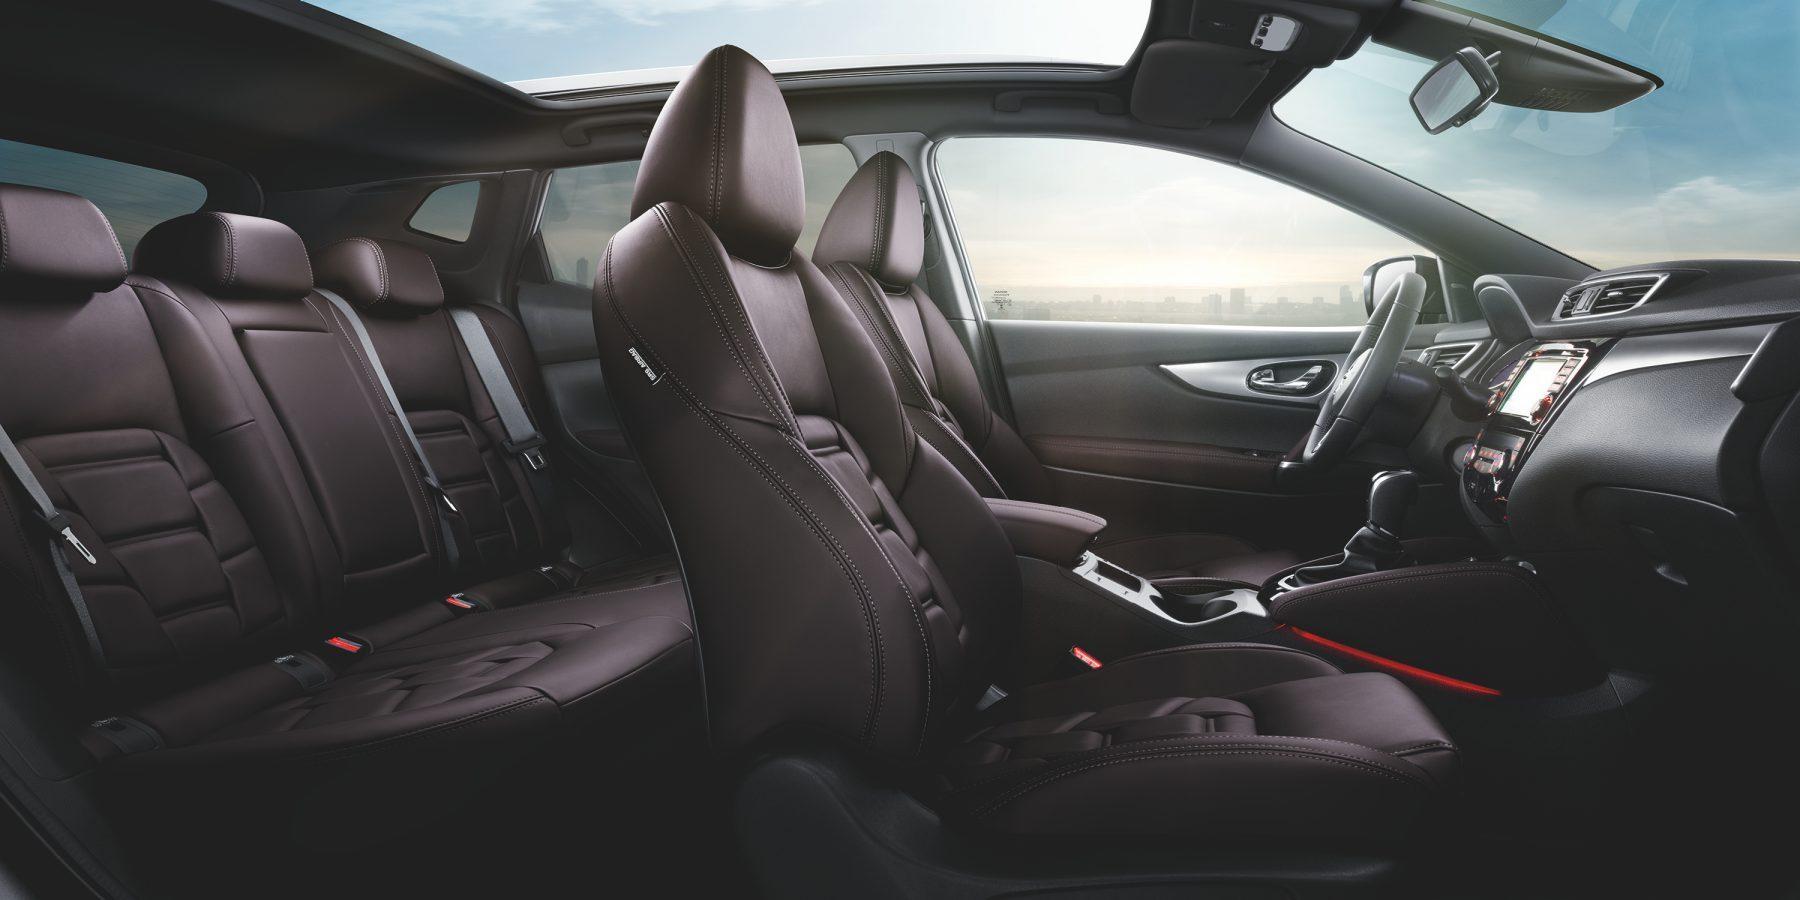 Nissan QASHQAI, салон крупным планом — сиденья в едином стиле с отделкой из дубленой кожи сливового оттенка премиум-класса